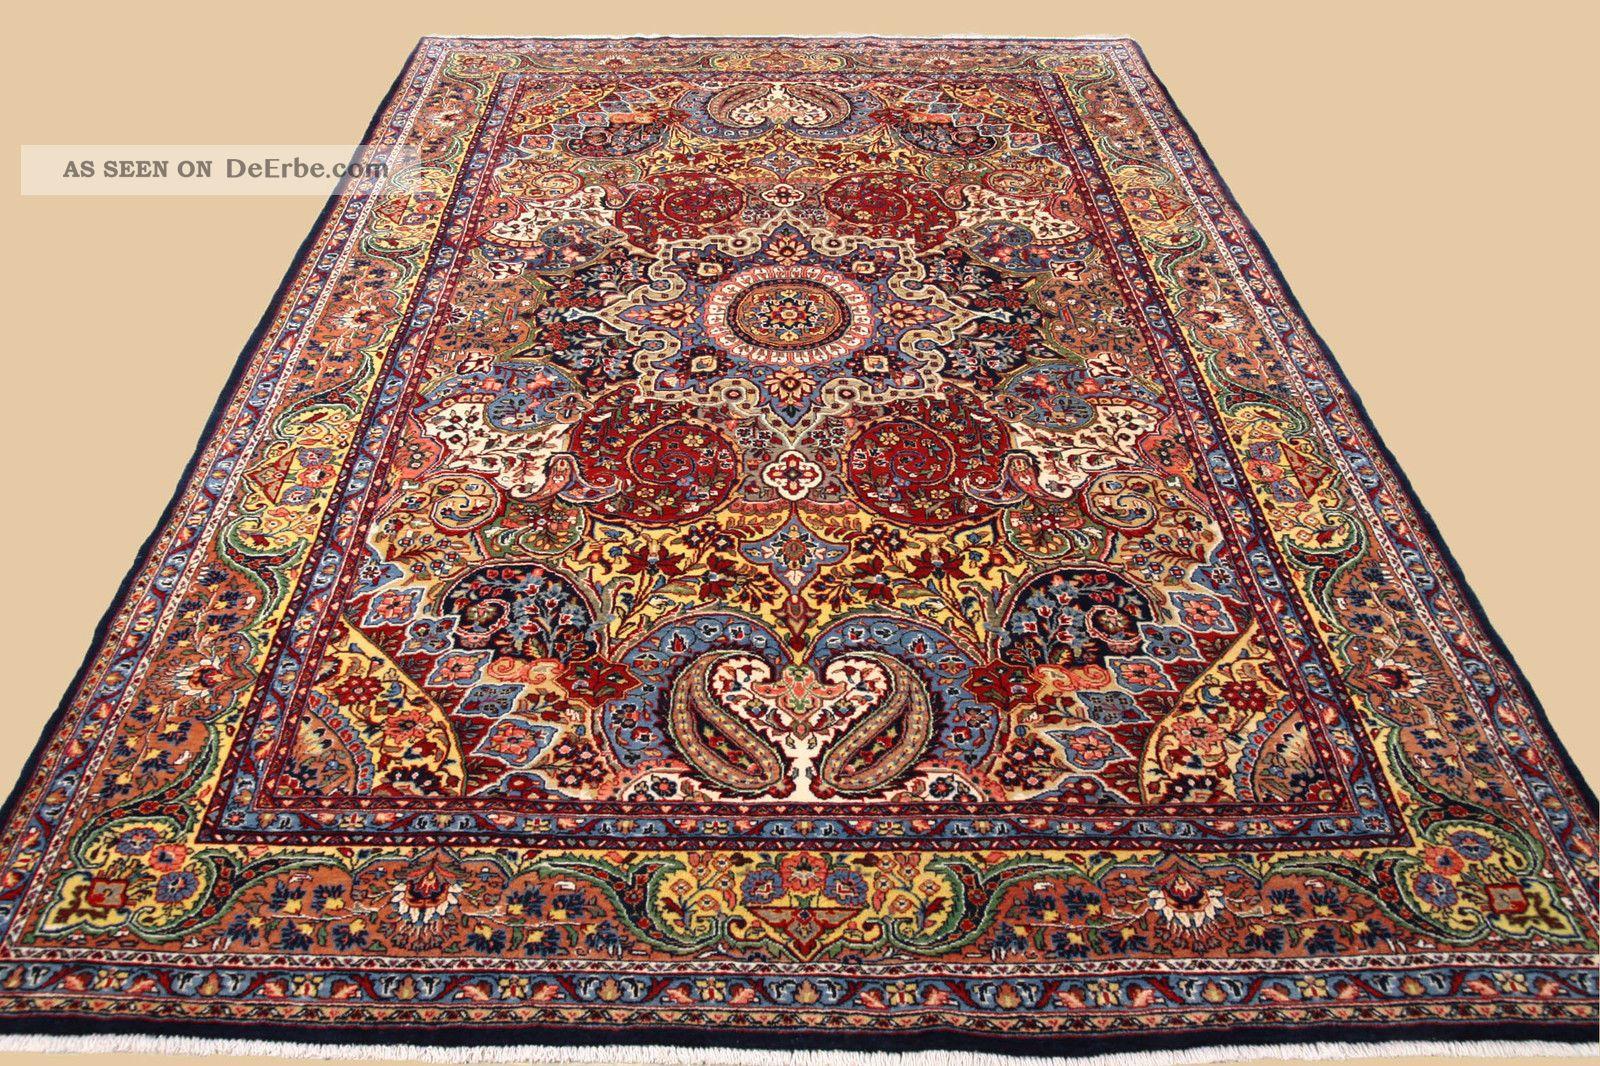 Persischer teppich  Teppiche & Flachgewebe - Persische Teppiche - Antiquitäten